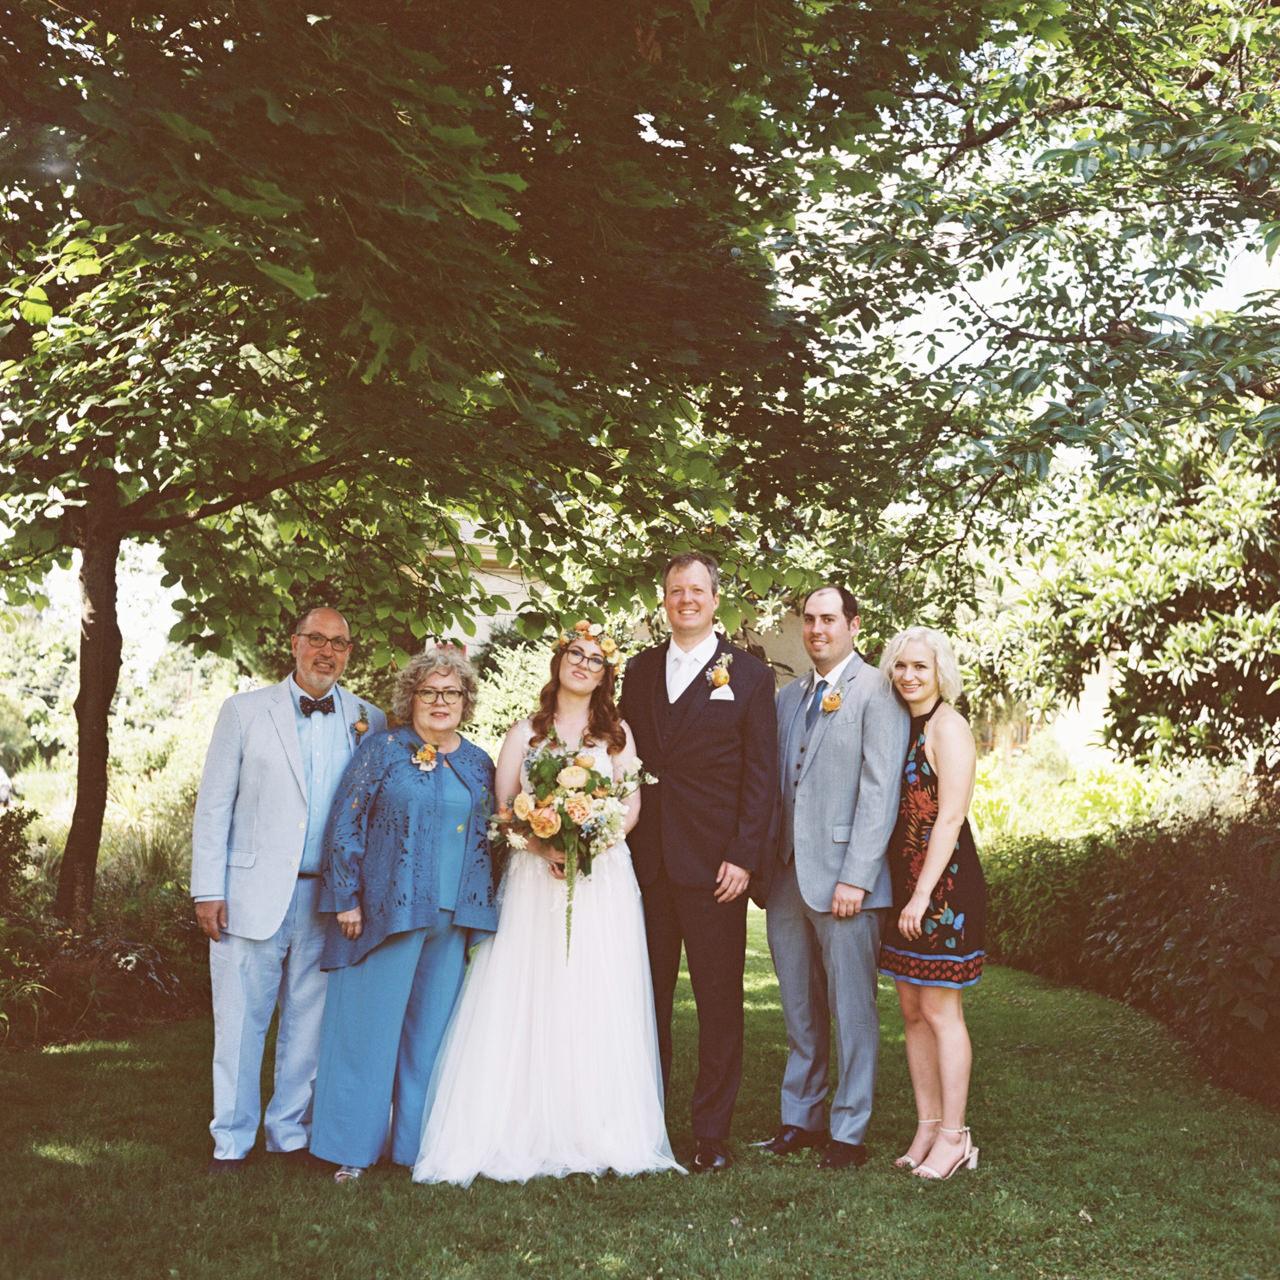 kennedy-school-mcmenamins-portland-wedding-045.JPG